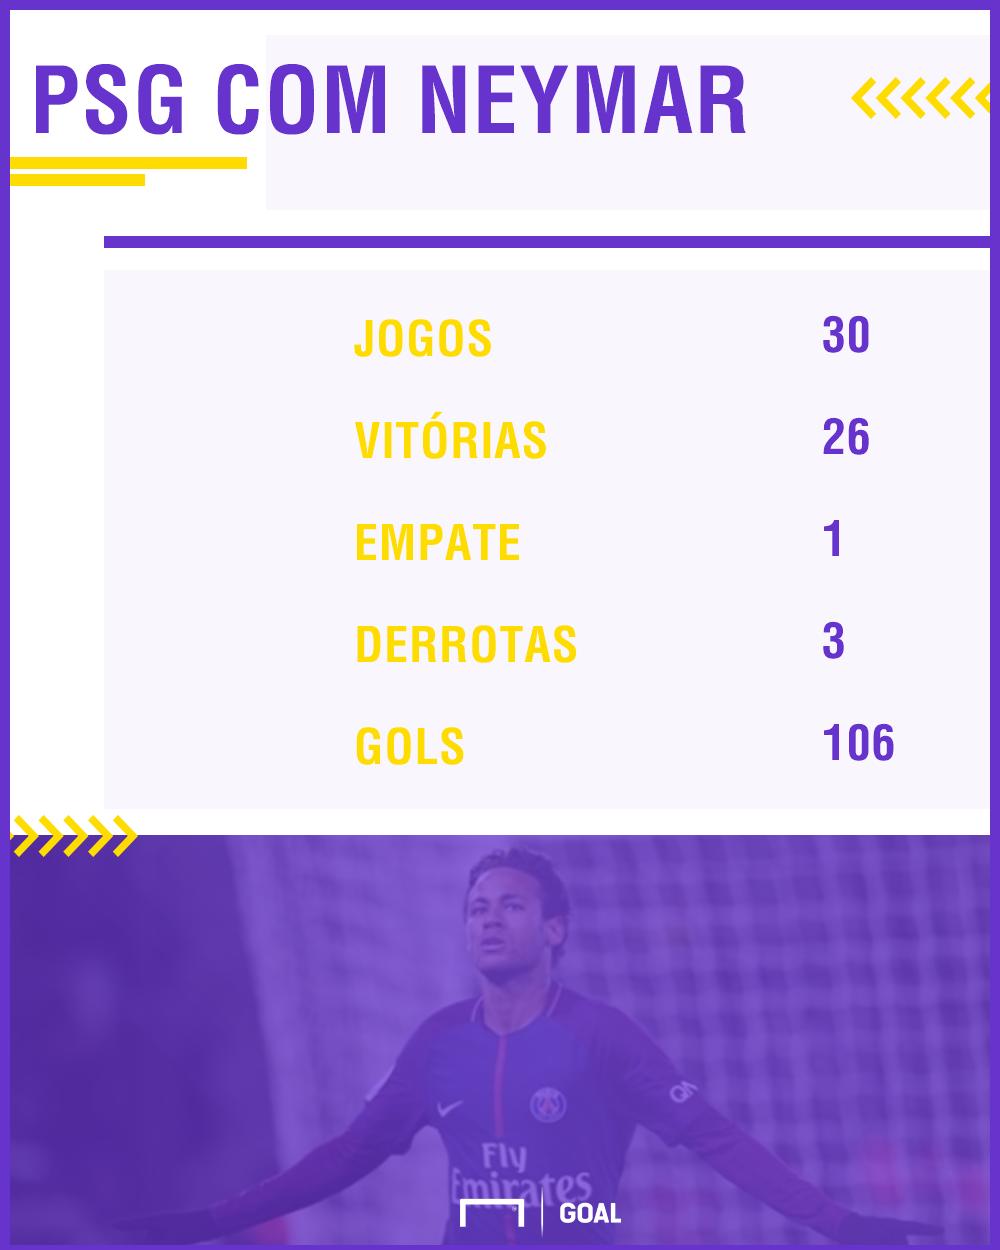 'Obstáculos não devem te impedir', diz Neymar após confirmação de sua cirurgia